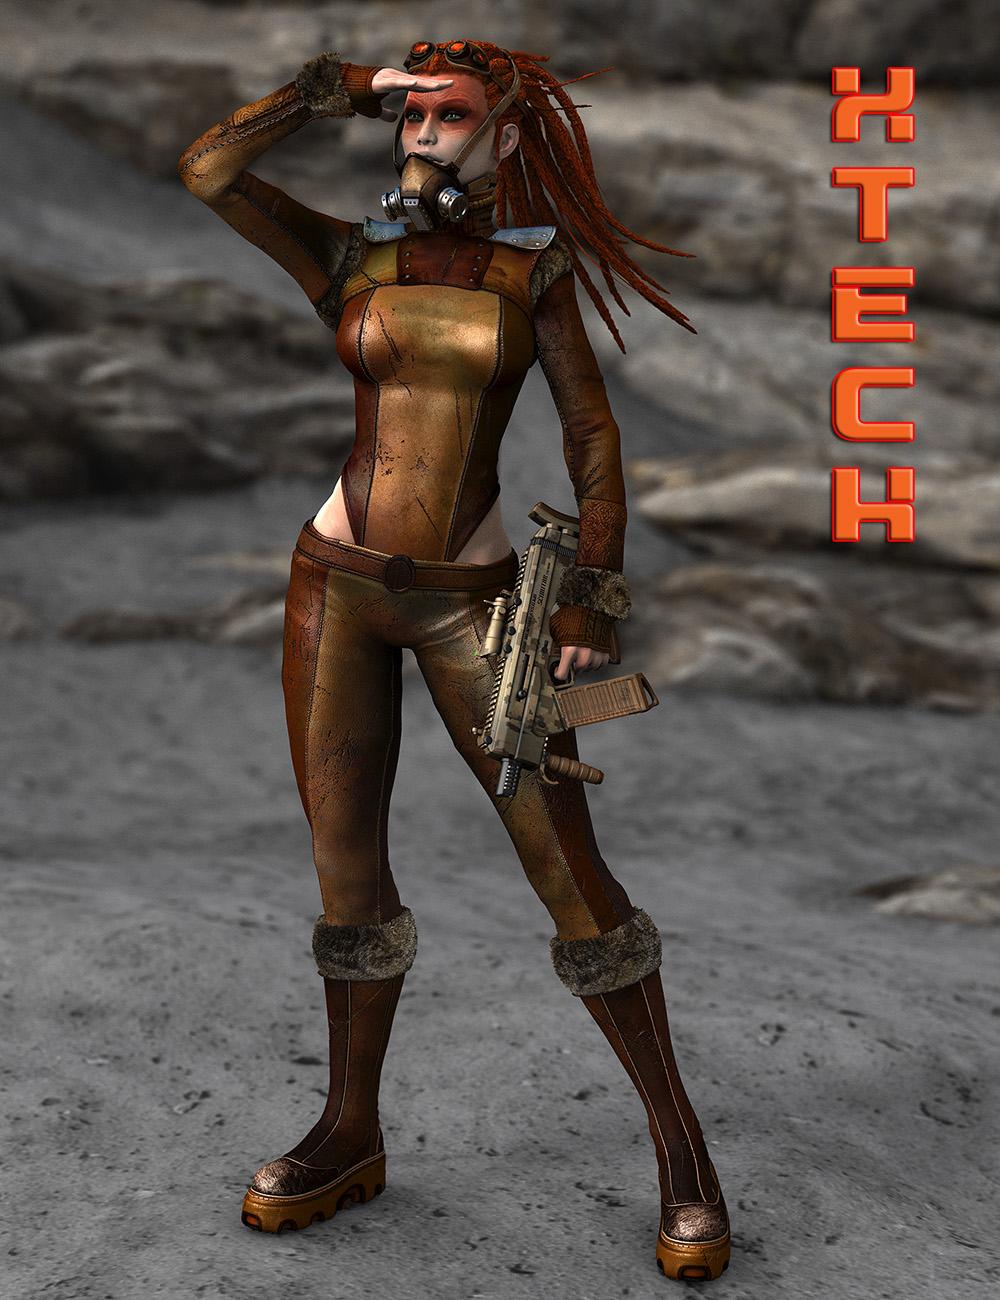 XTech for Genesis 2 Female(s) by: ElorOnceDark, 3D Models by Daz 3D